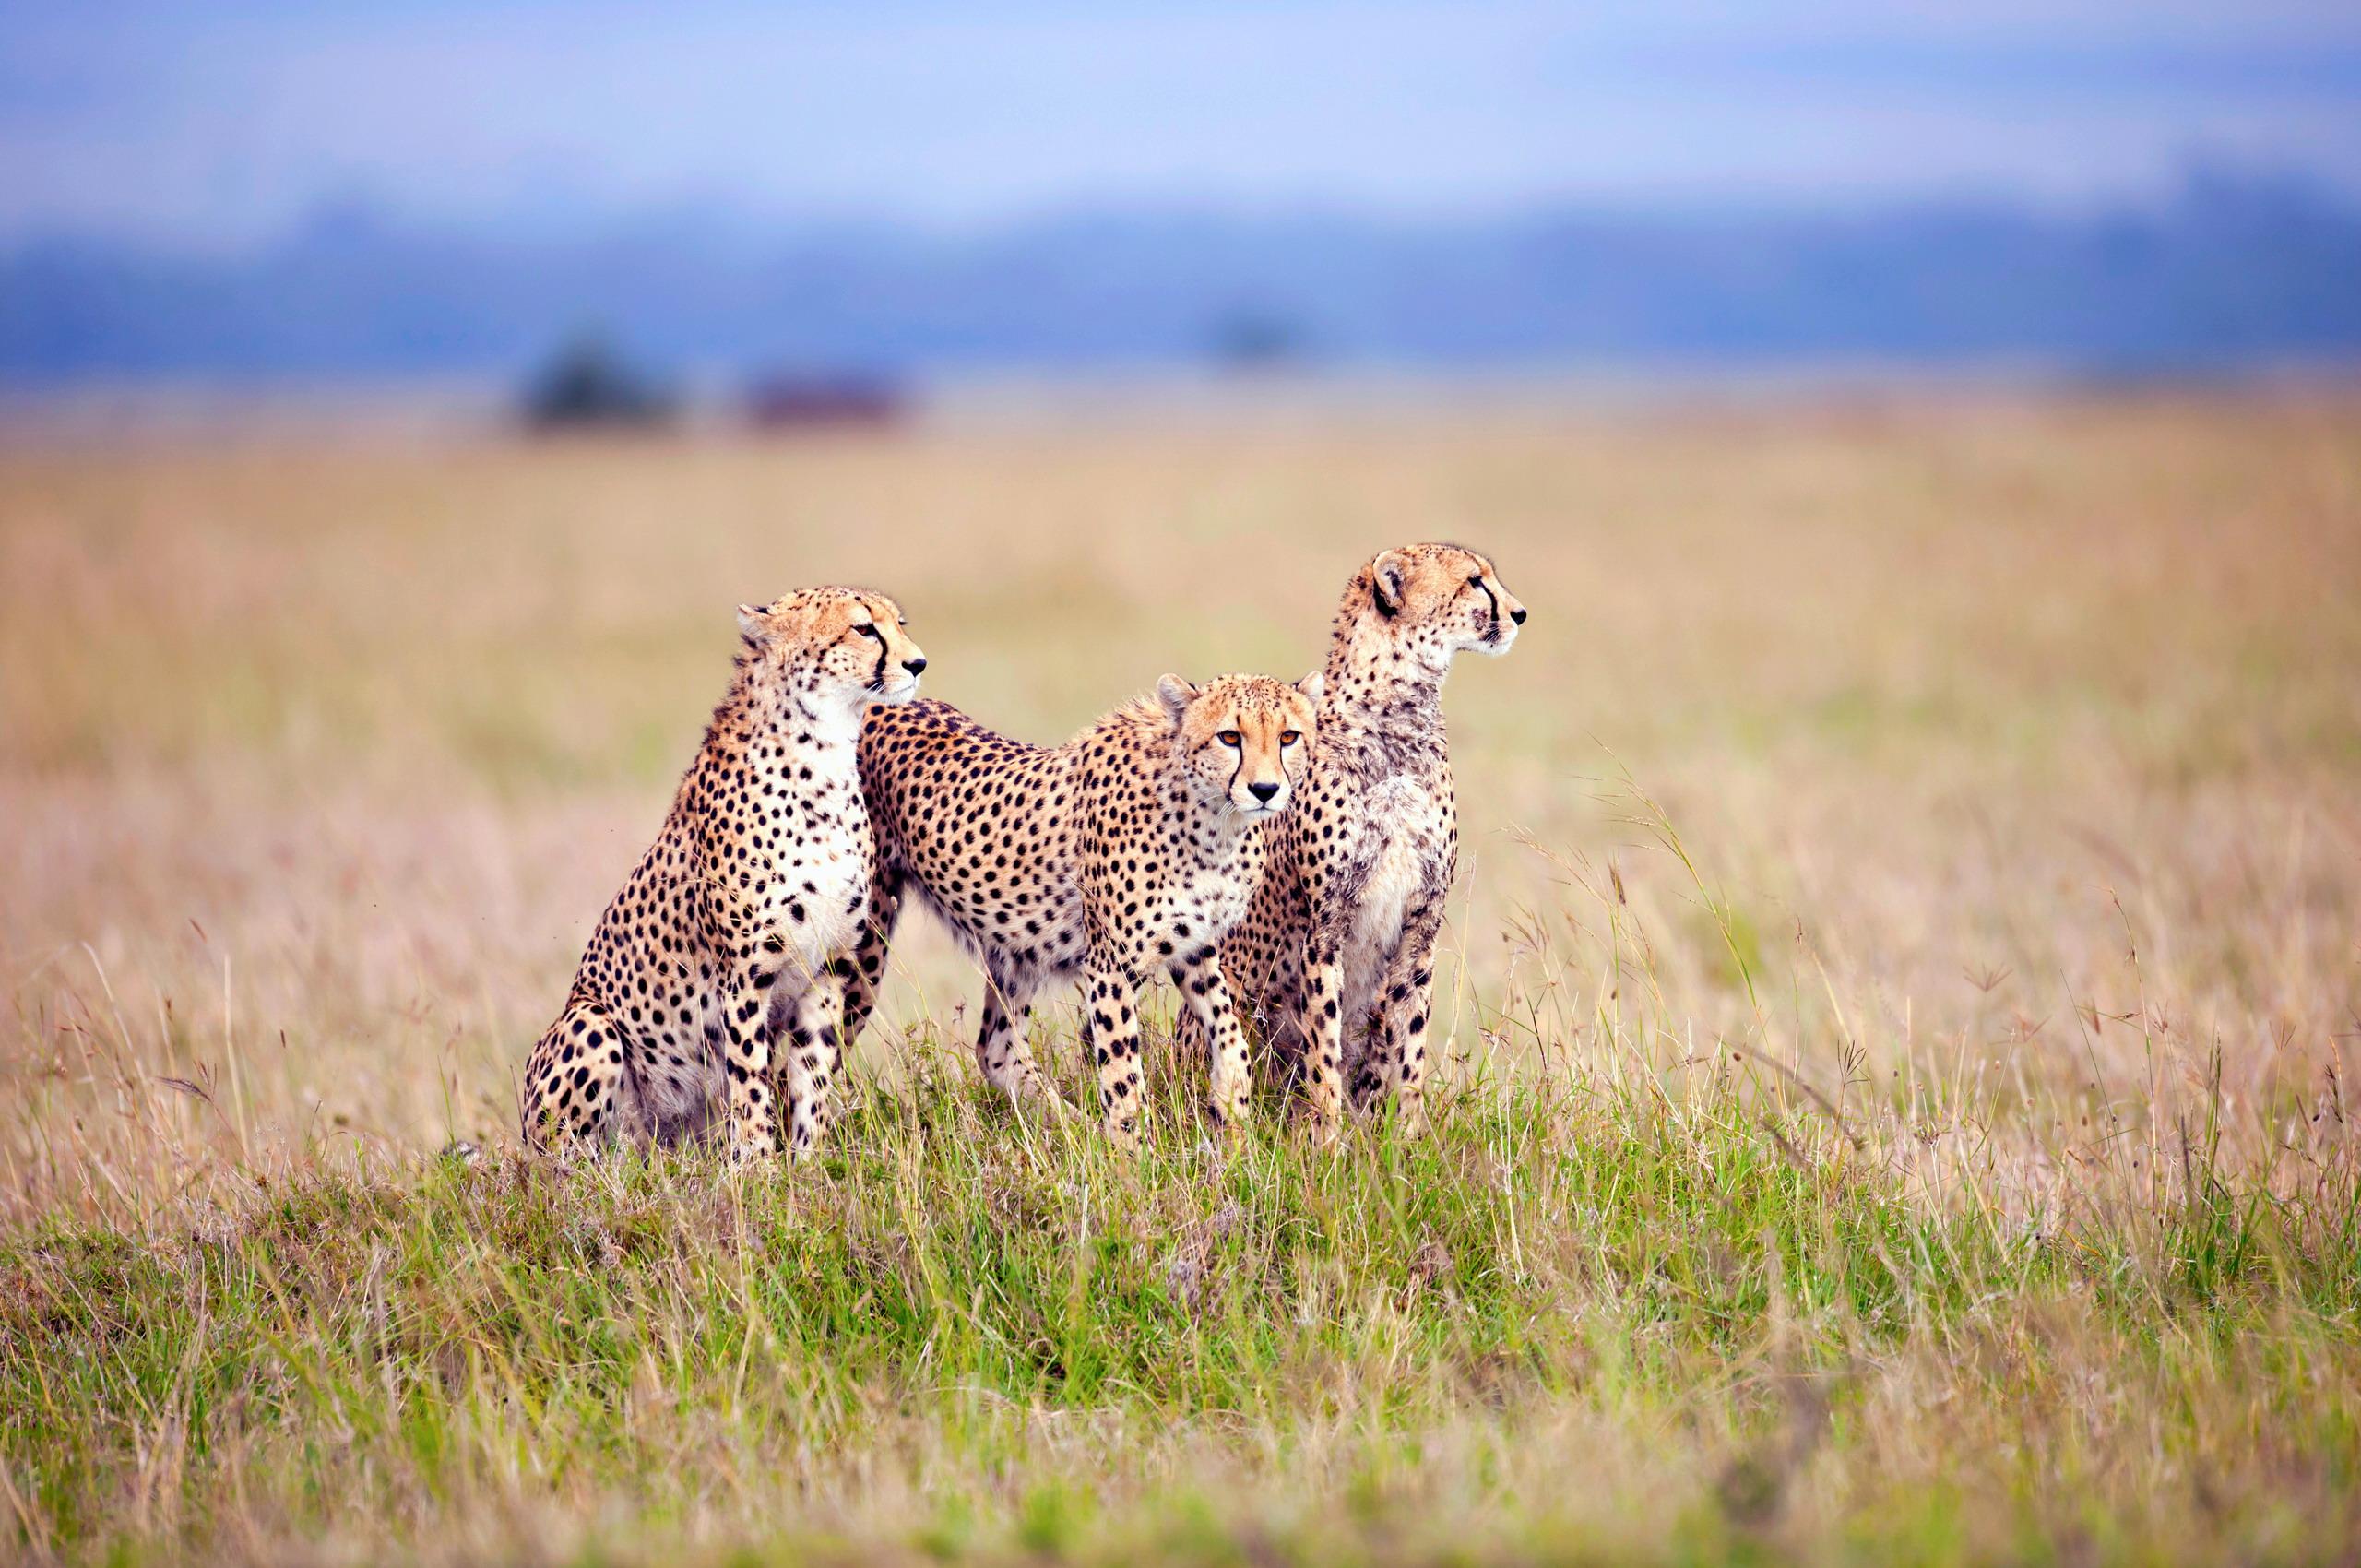 природа животные Гепарды камни трава дерево горизонт  № 276792 бесплатно